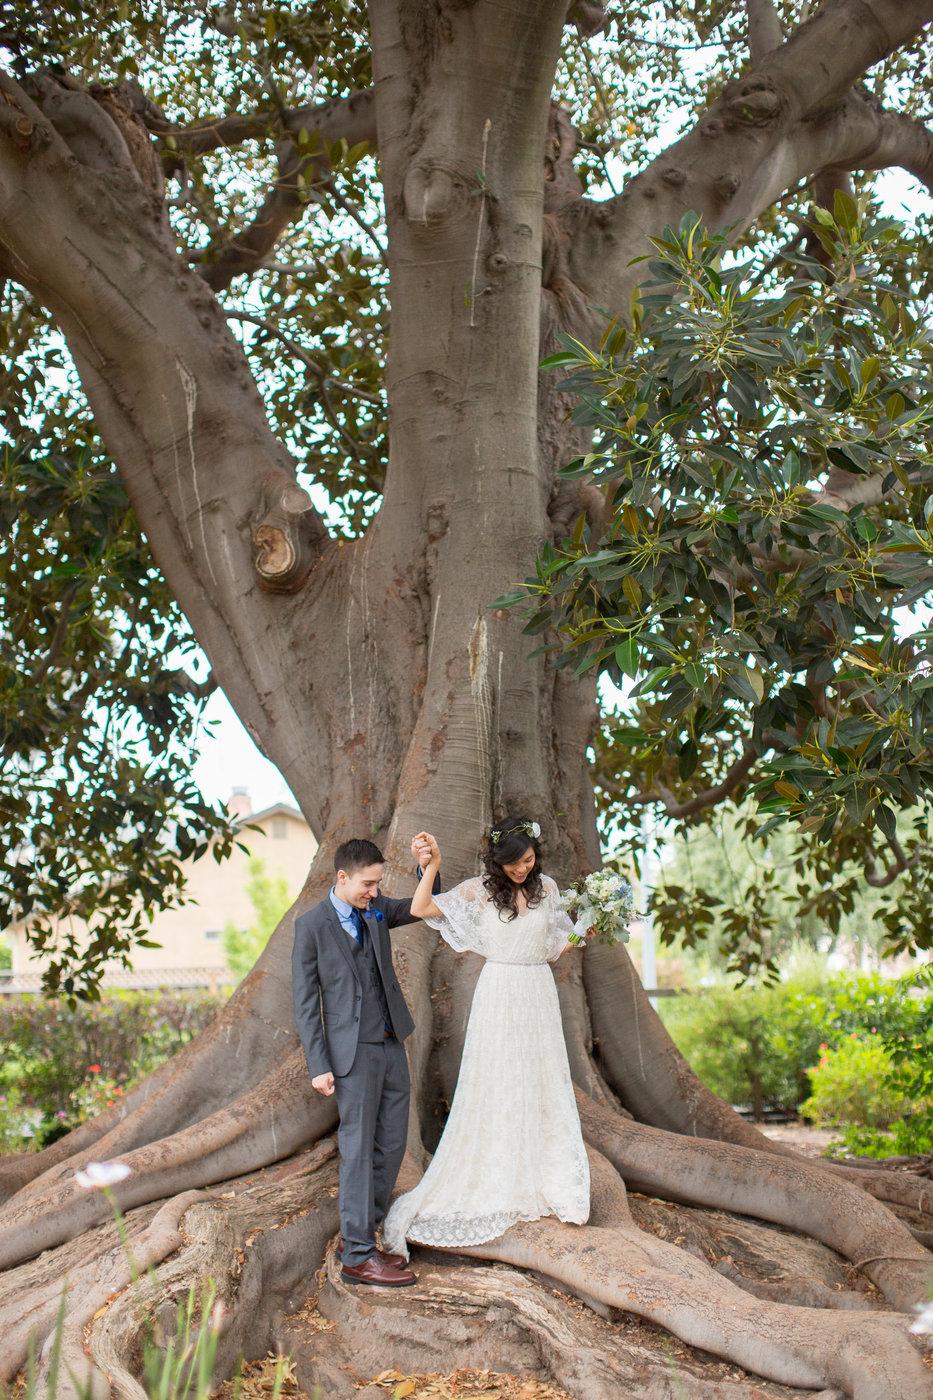 Shinn-Historic-Park-and-Arboretum-Fall-wedding-photos.jpg